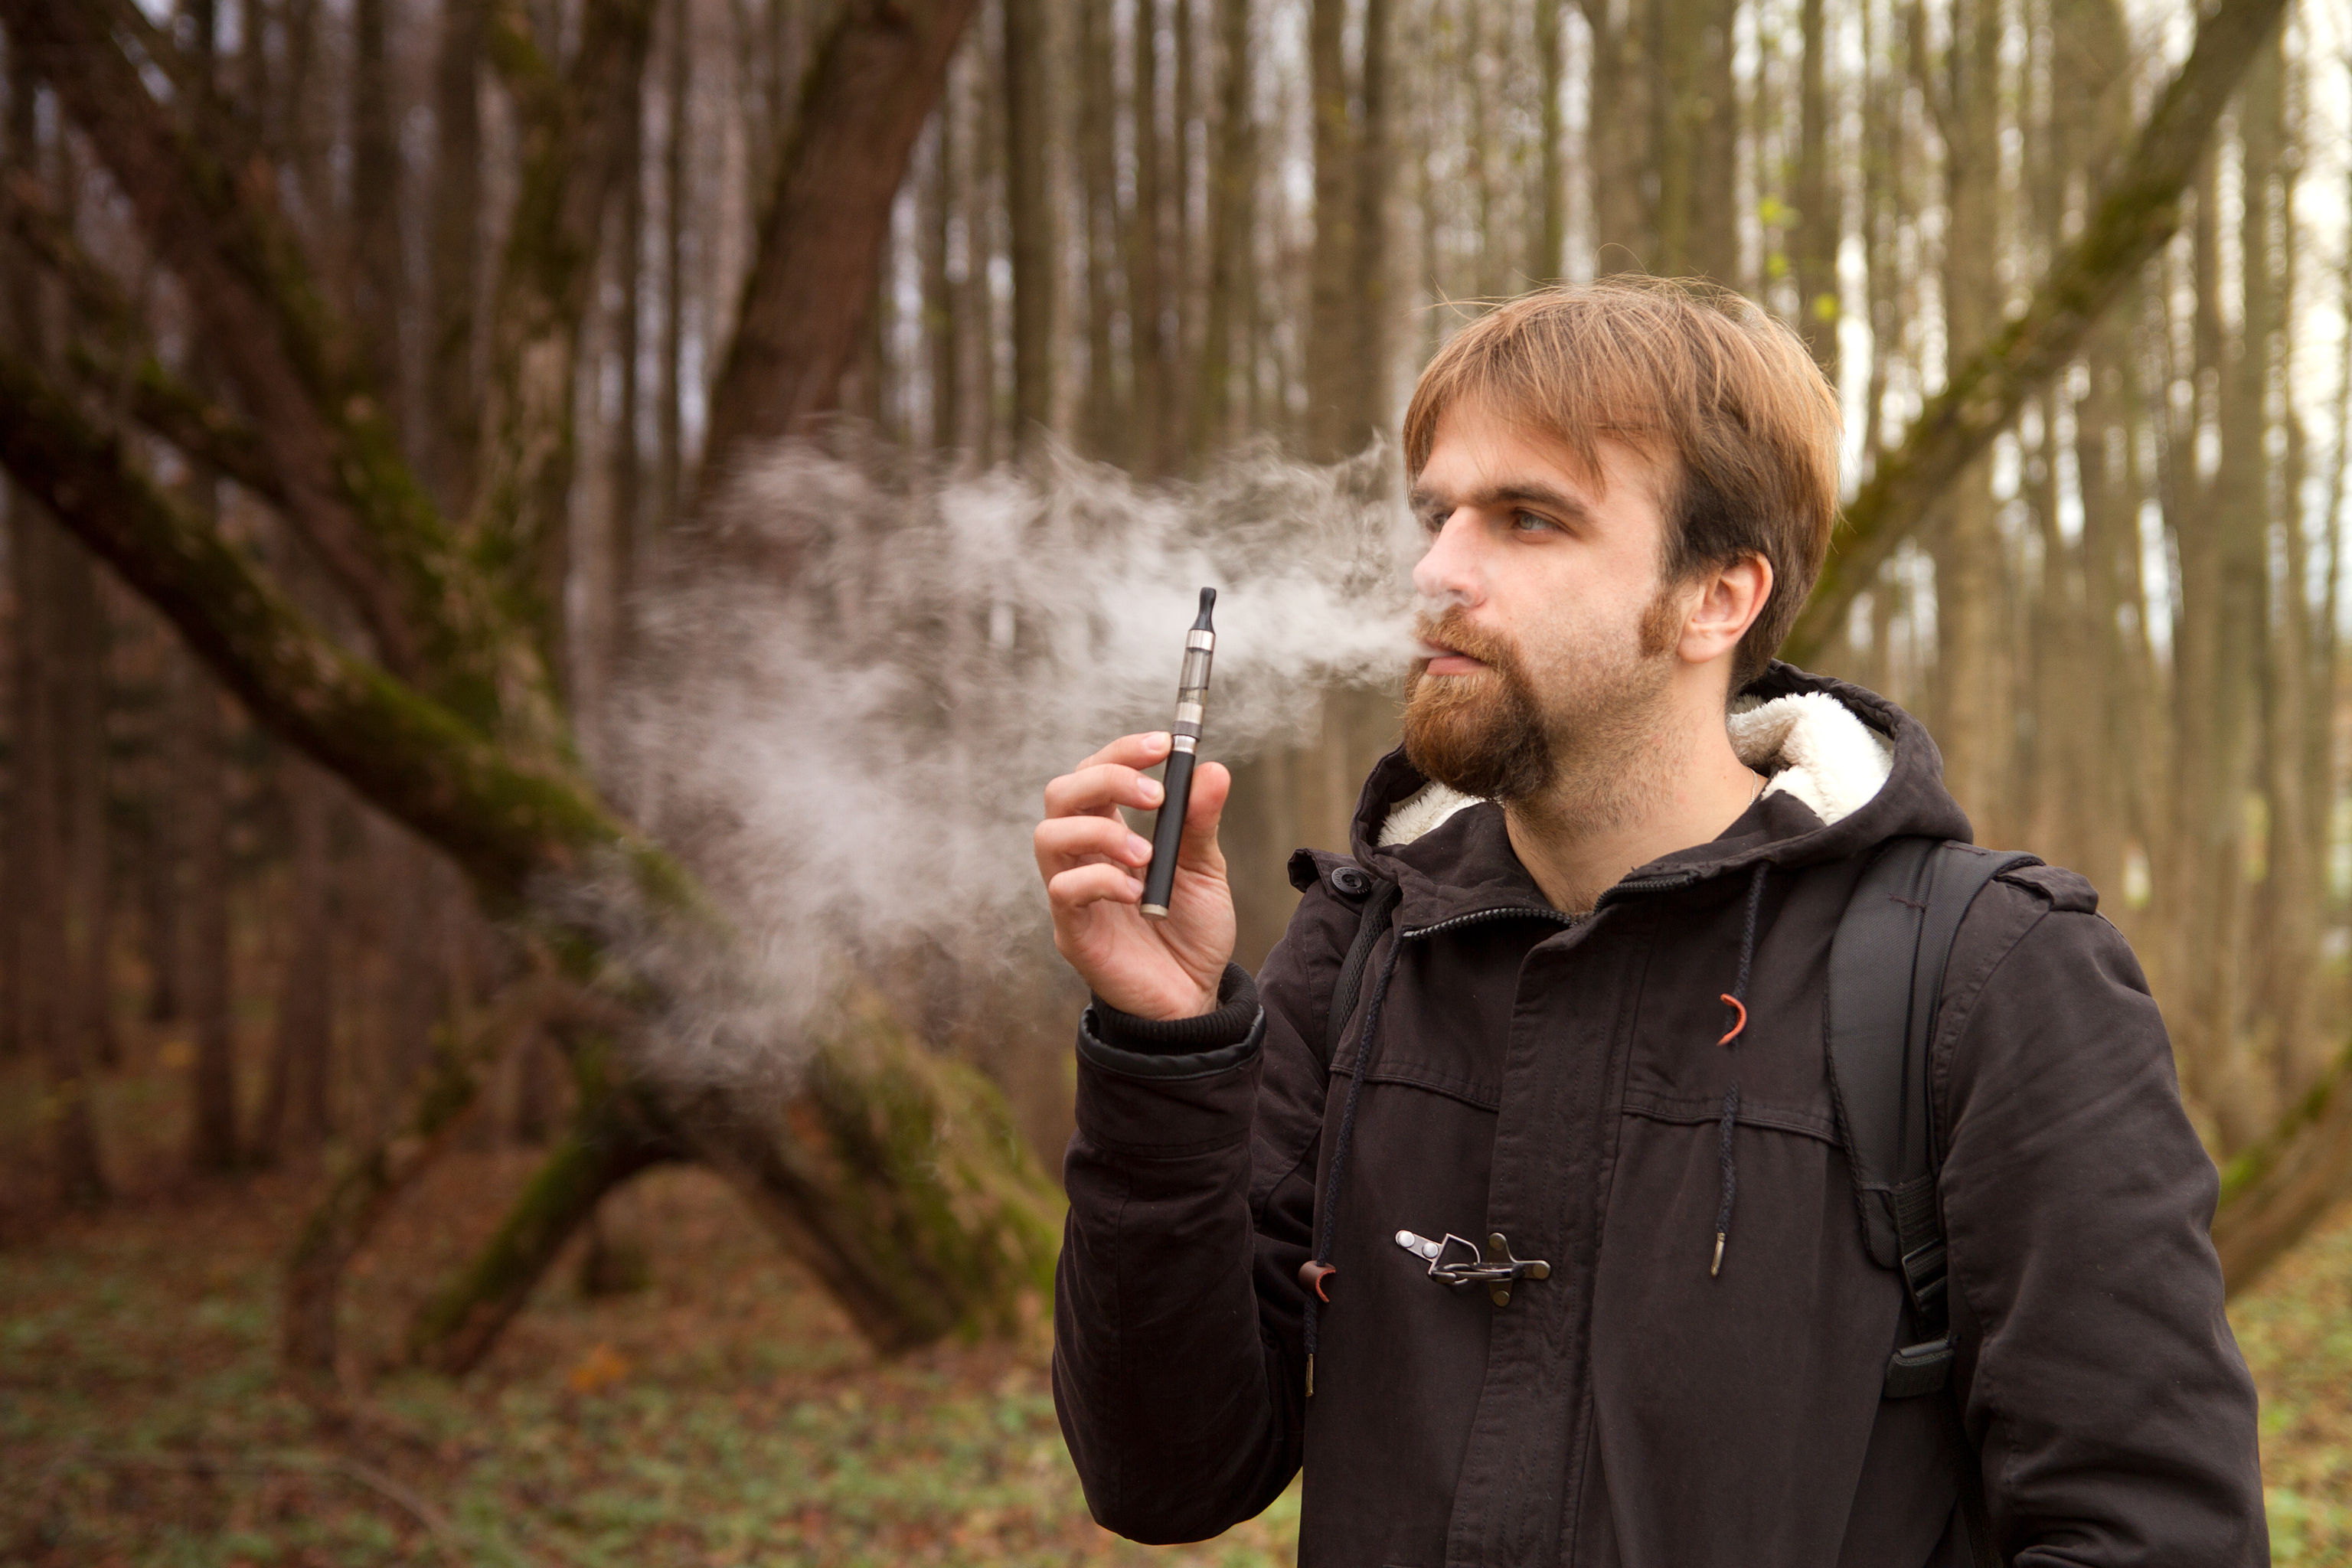 Det kan ta flera år innan forskarna kan se och bekräfta de eventuellt skadliga effekterna från de populära e-cigaretterna.